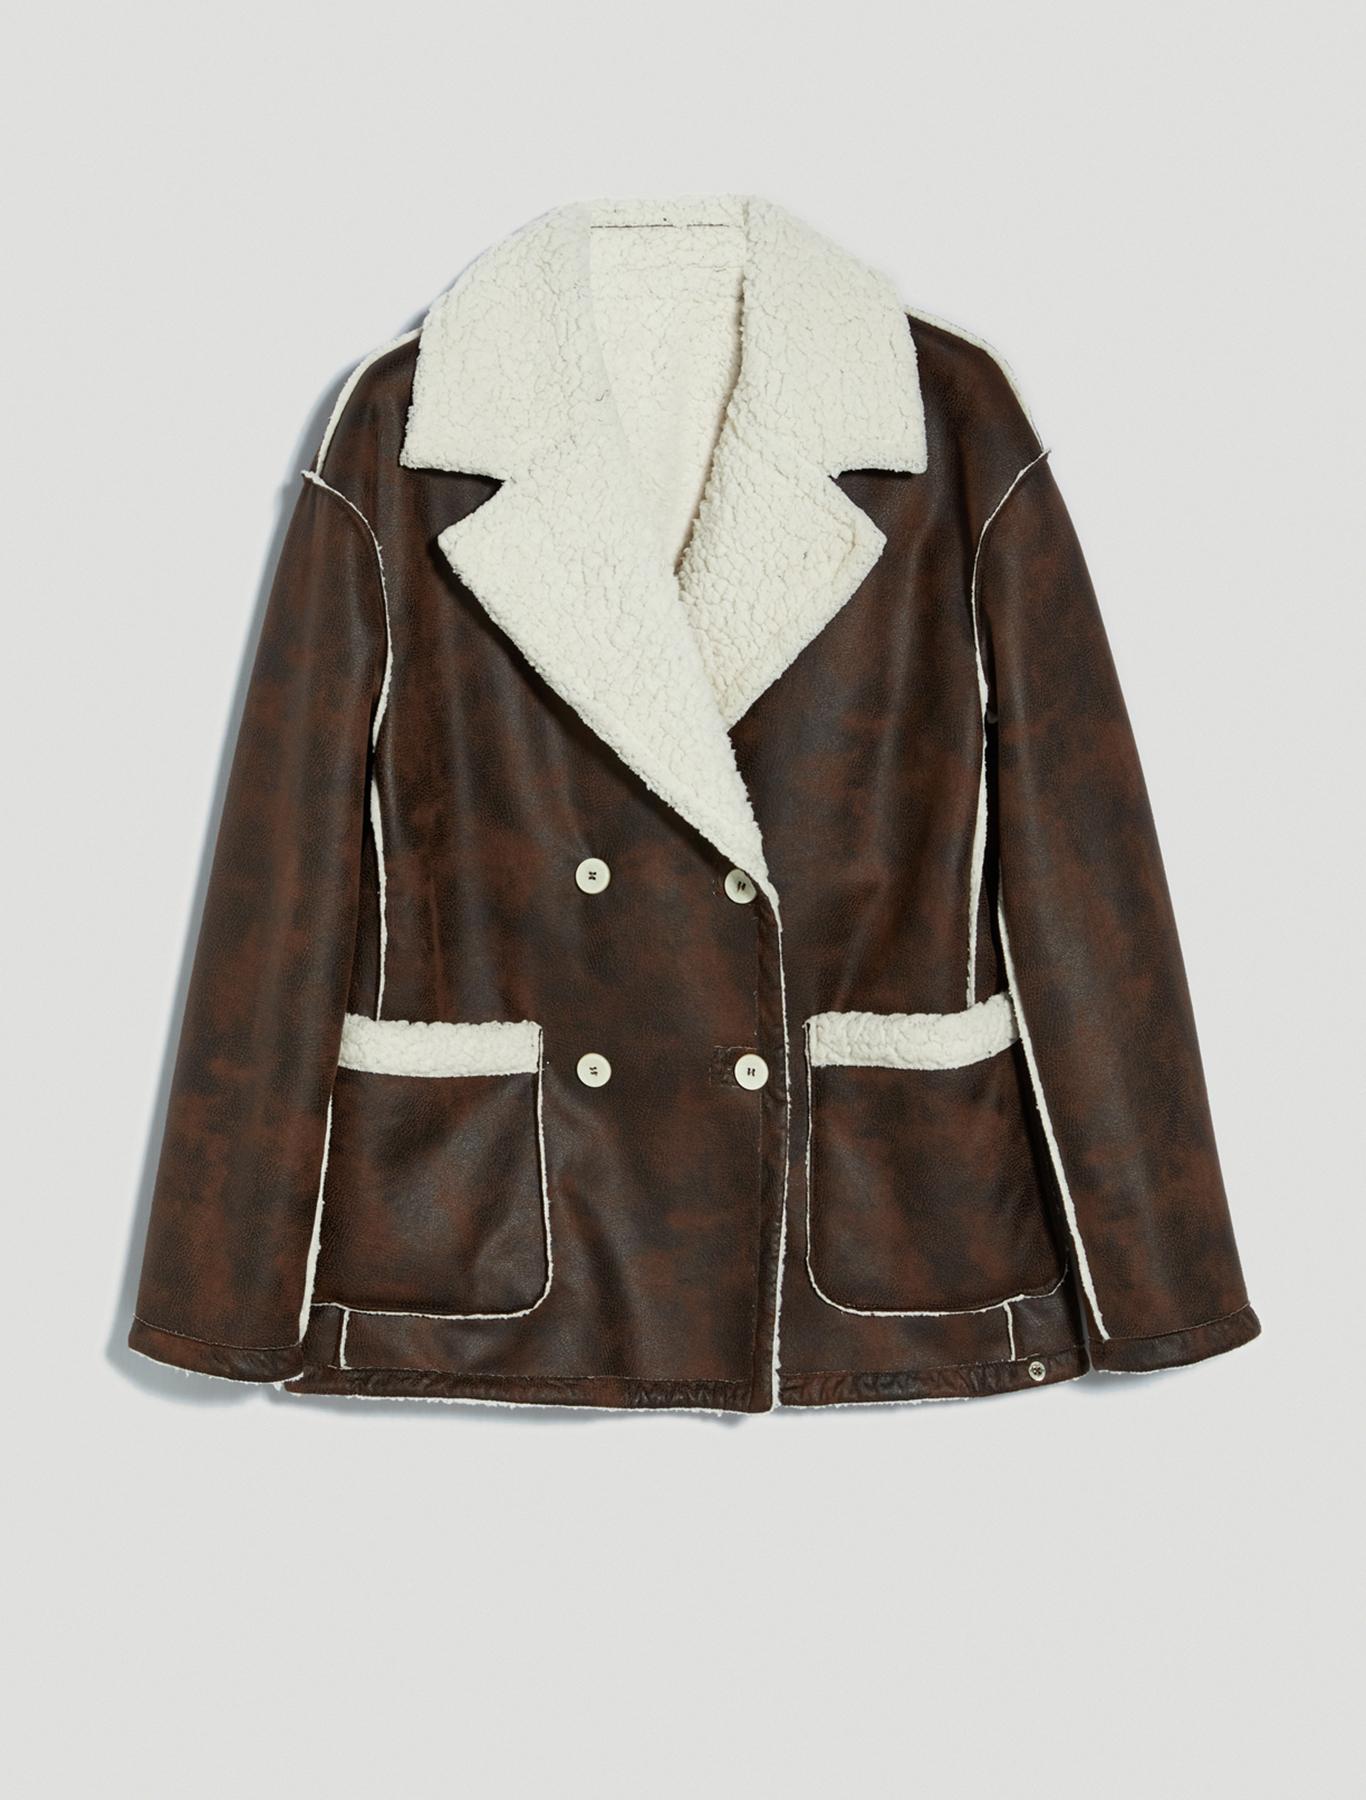 Reversible pea coat - dark brown - pennyblack